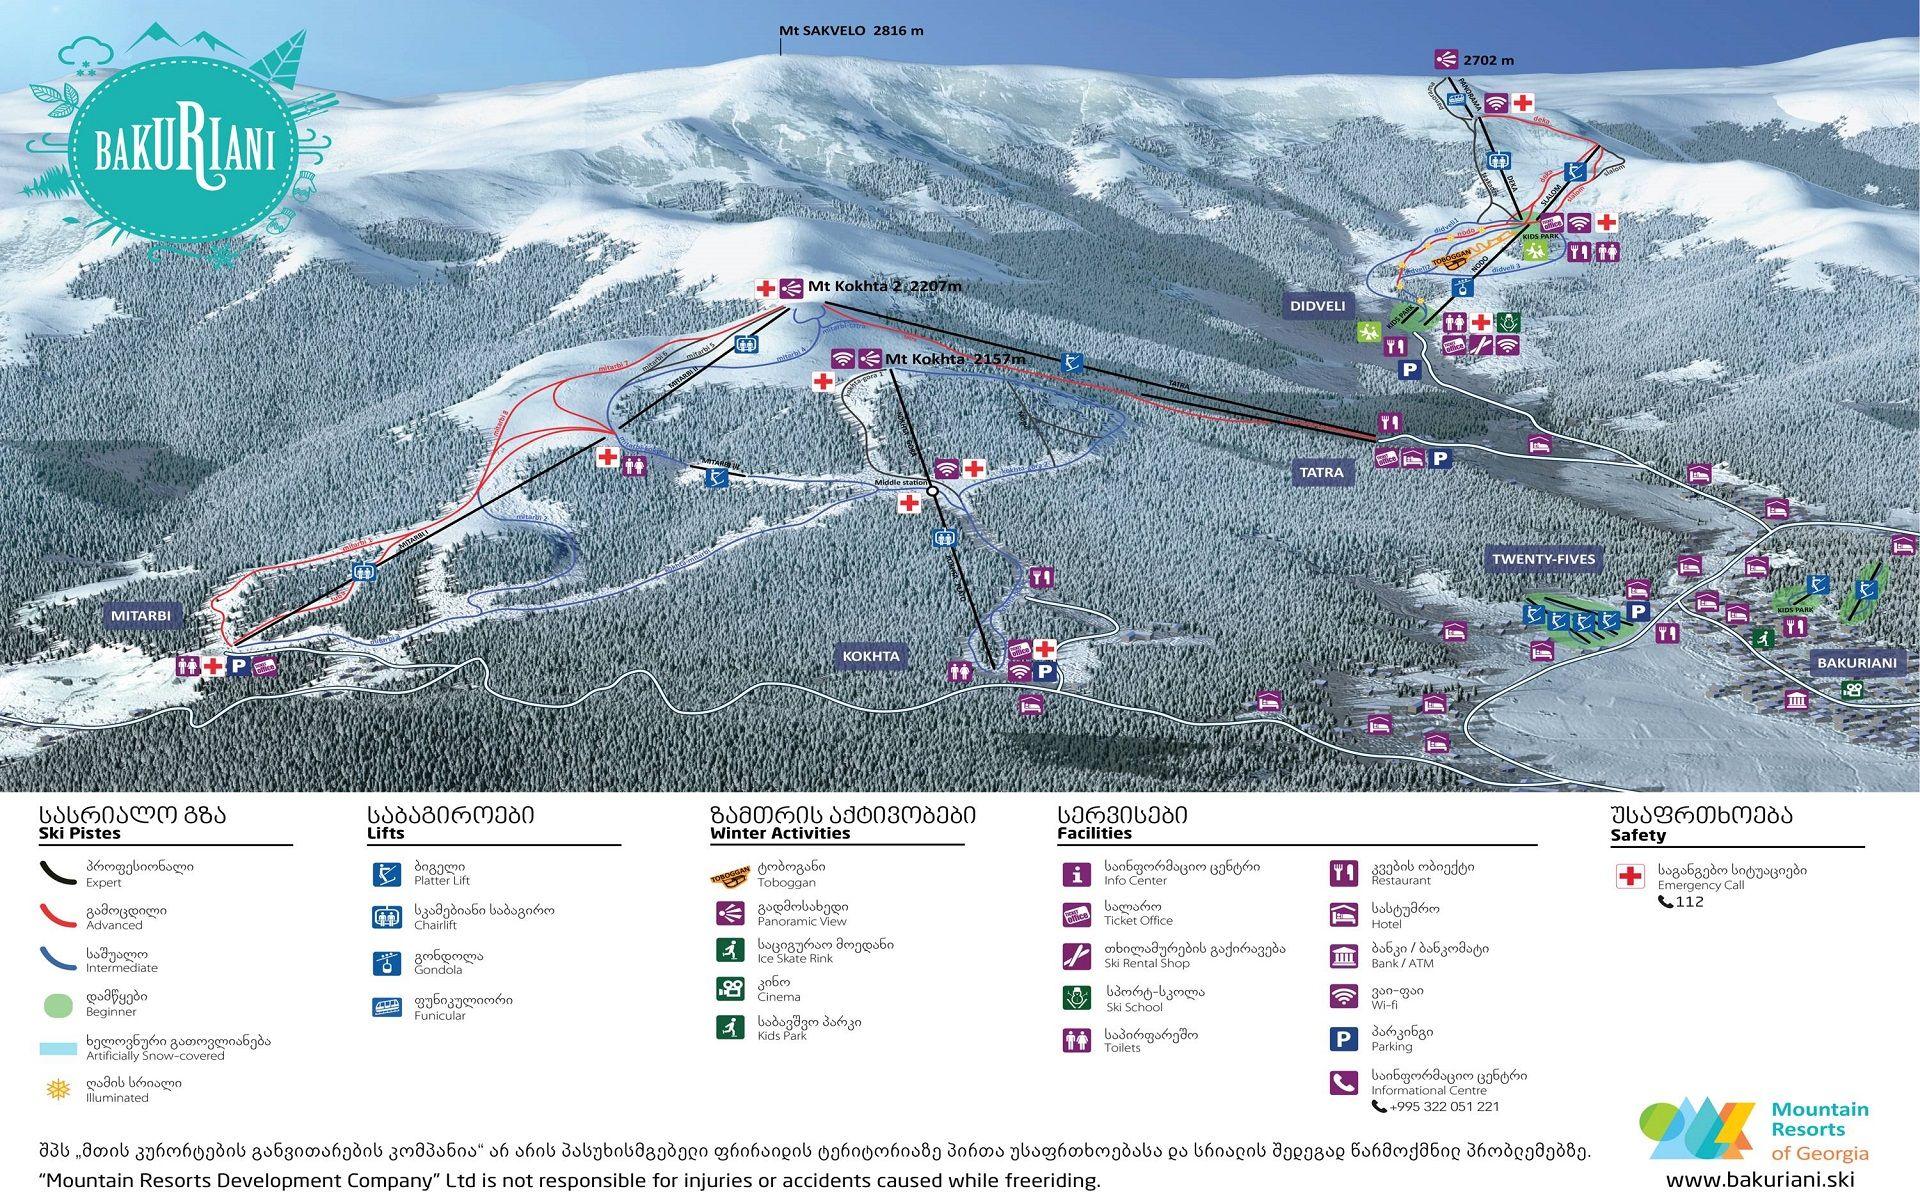 горнолыжные туры в Бакуриани